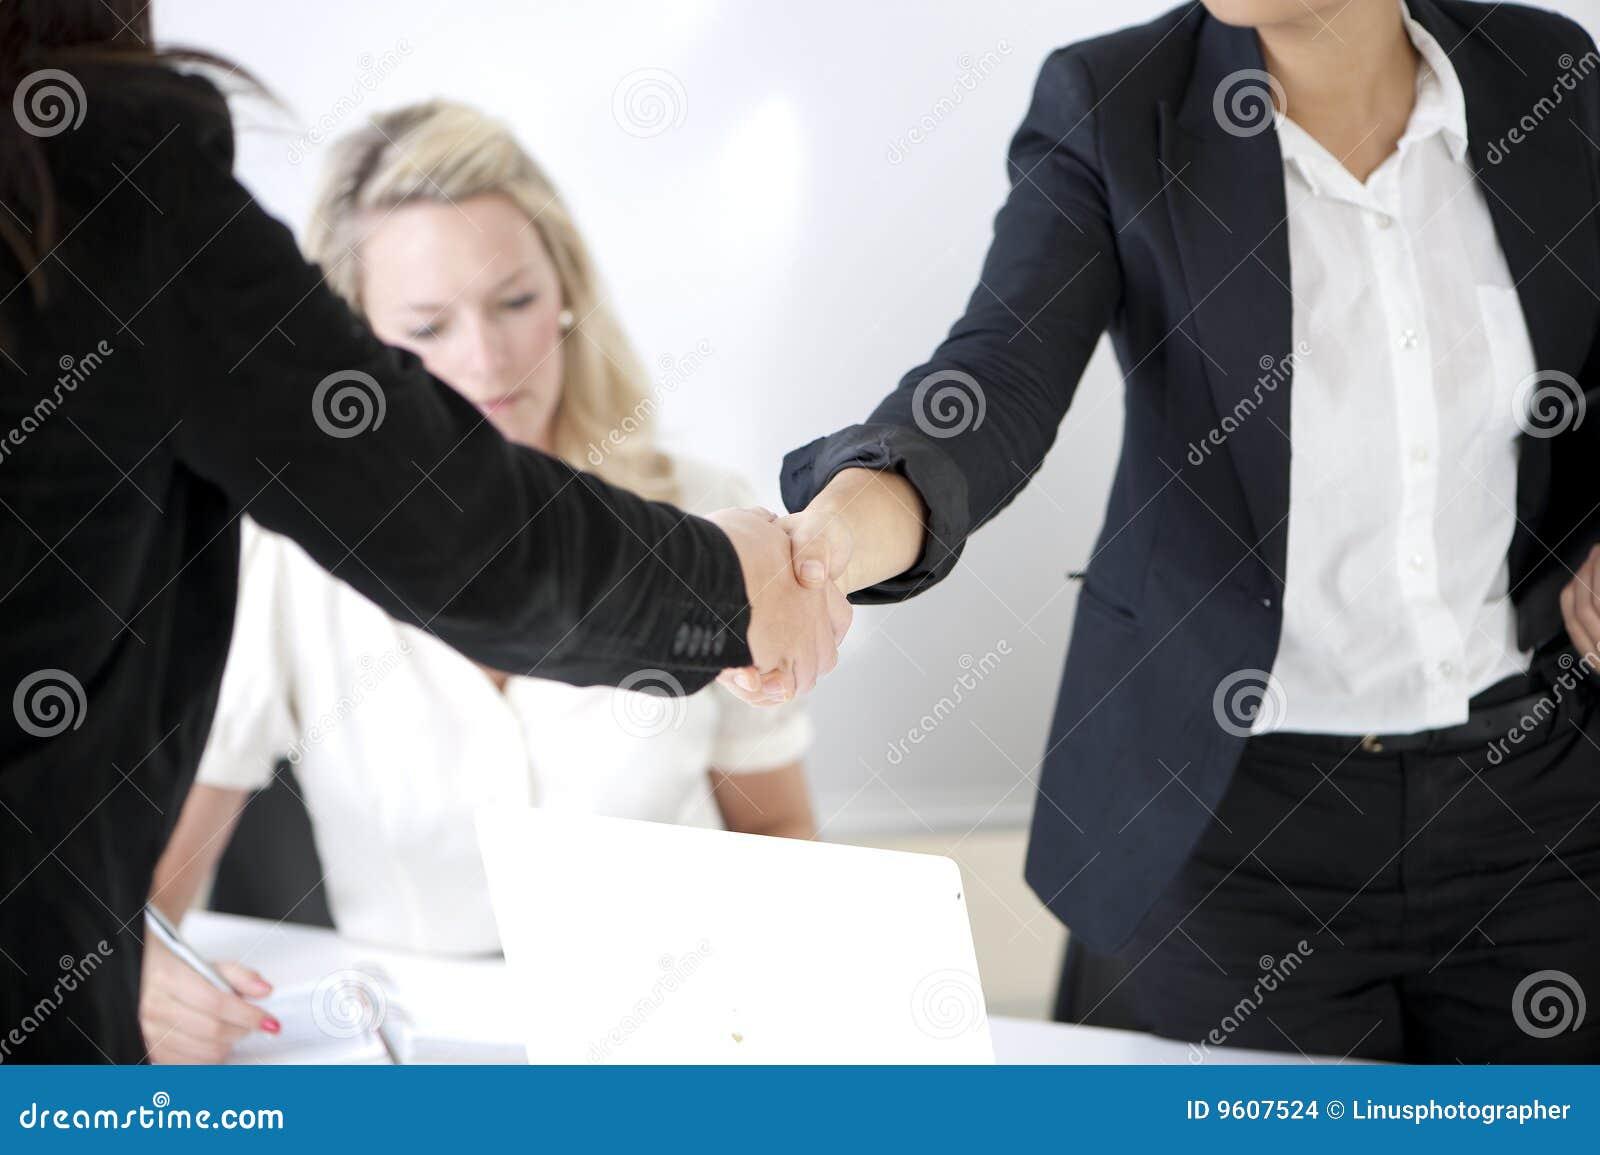 Apretón de manos para sellar el reparto